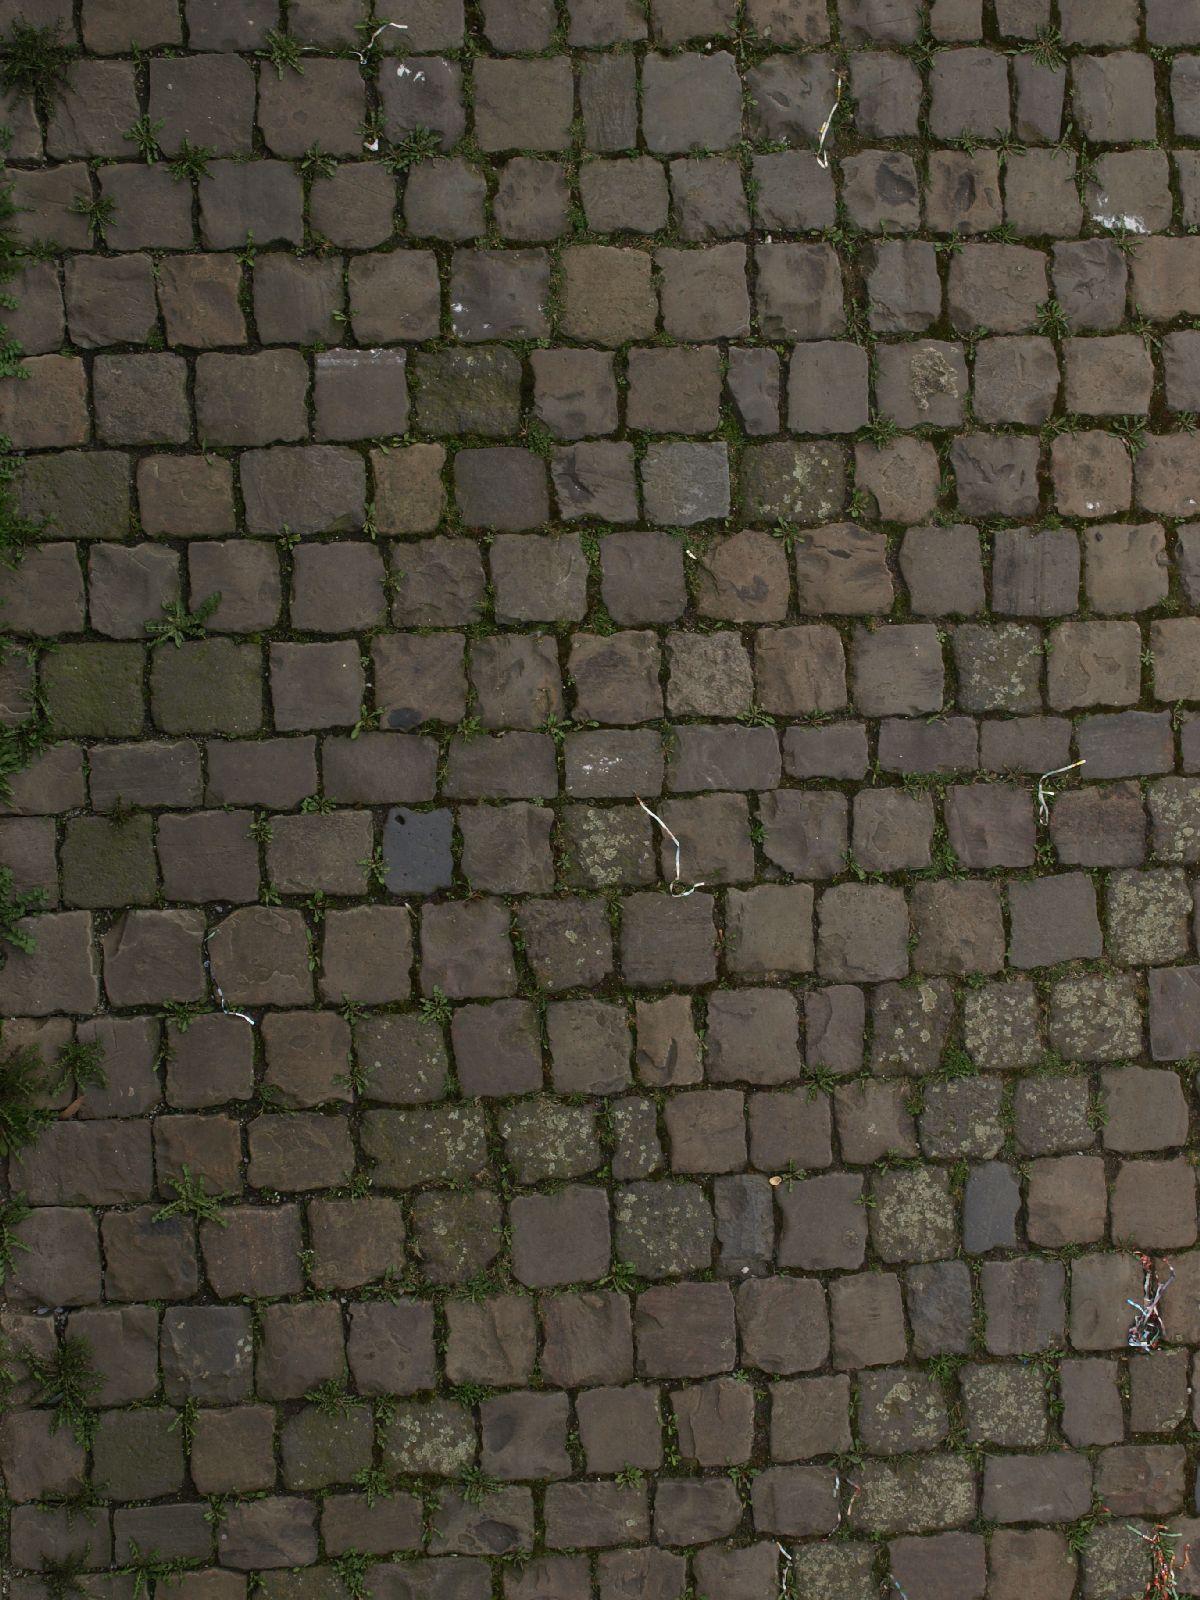 Boden-Gehweg-Strasse-Buergersteig-Textur_A_P4041486